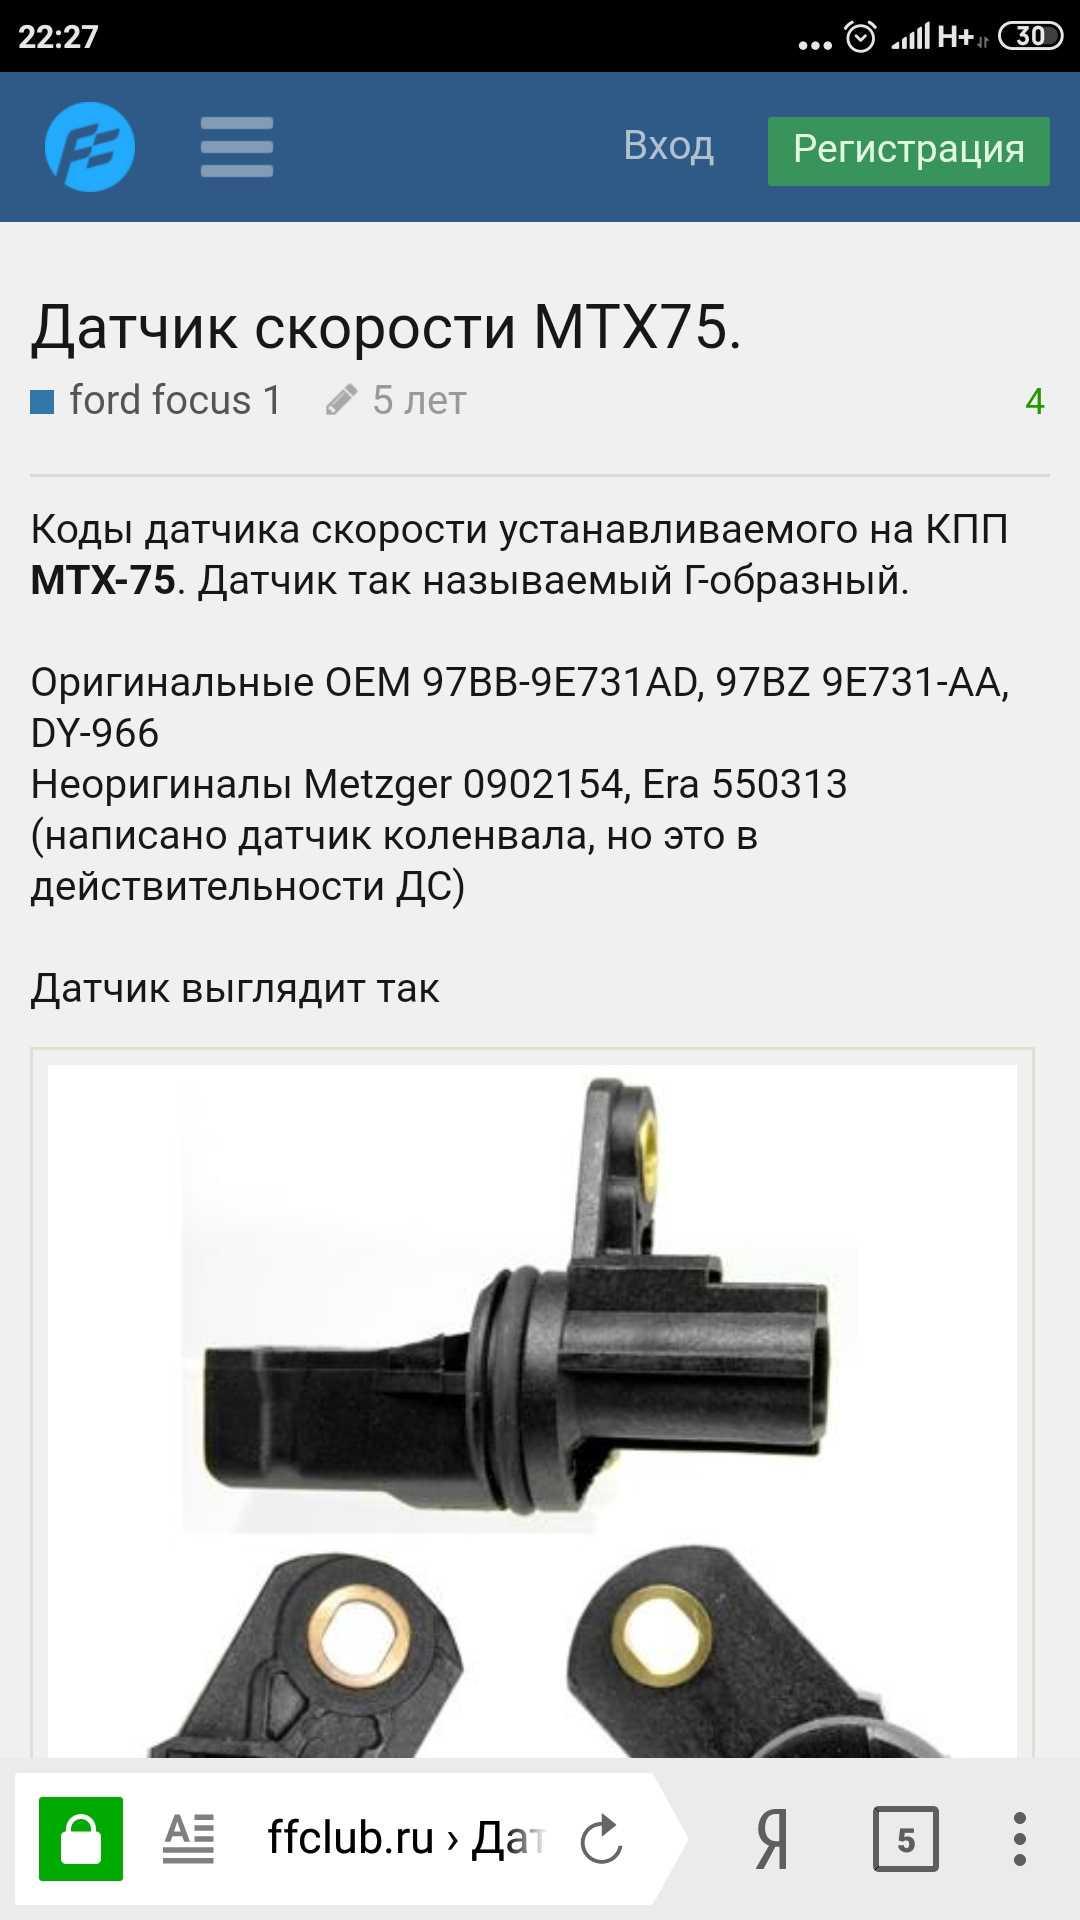 Двигатель duratec 1.4 | двигатель фокус недостатки и тюнинг